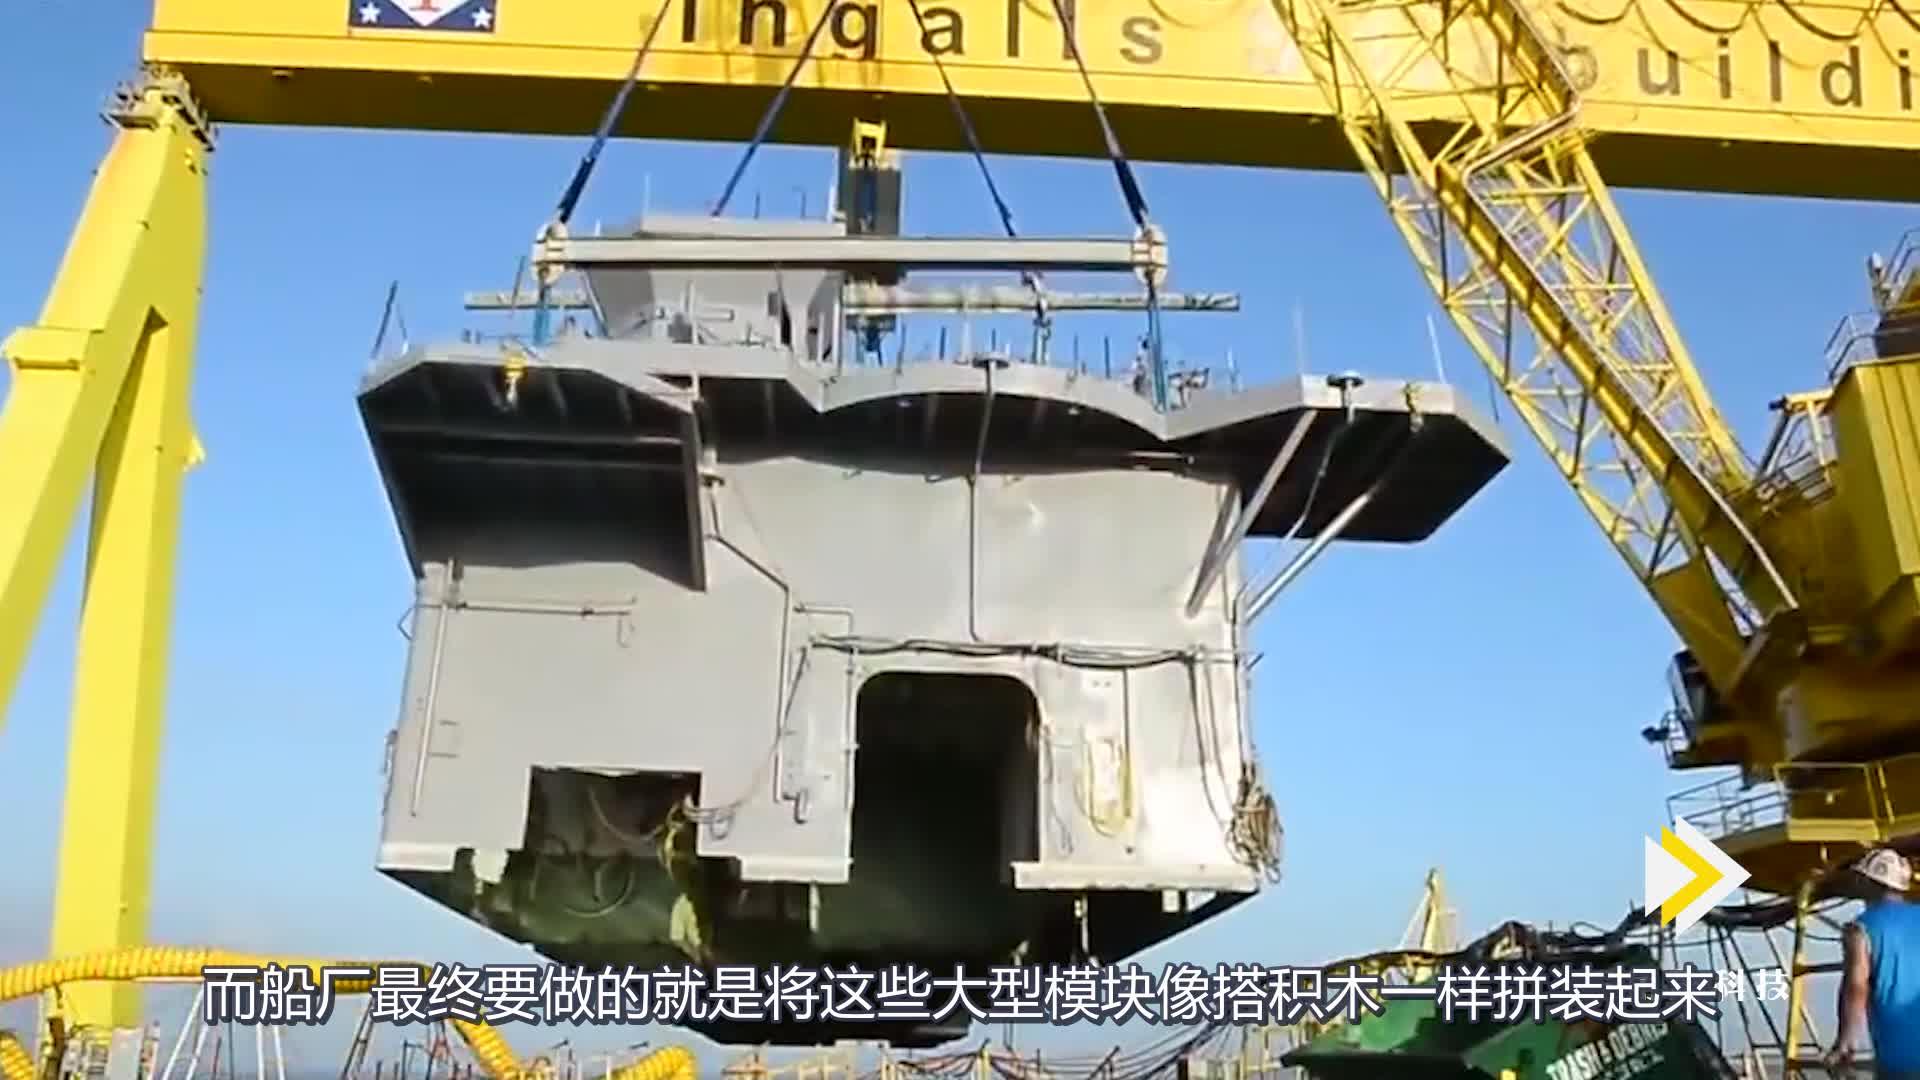 中国速度的又一证明!造航母比美国还快,只因有了这装备